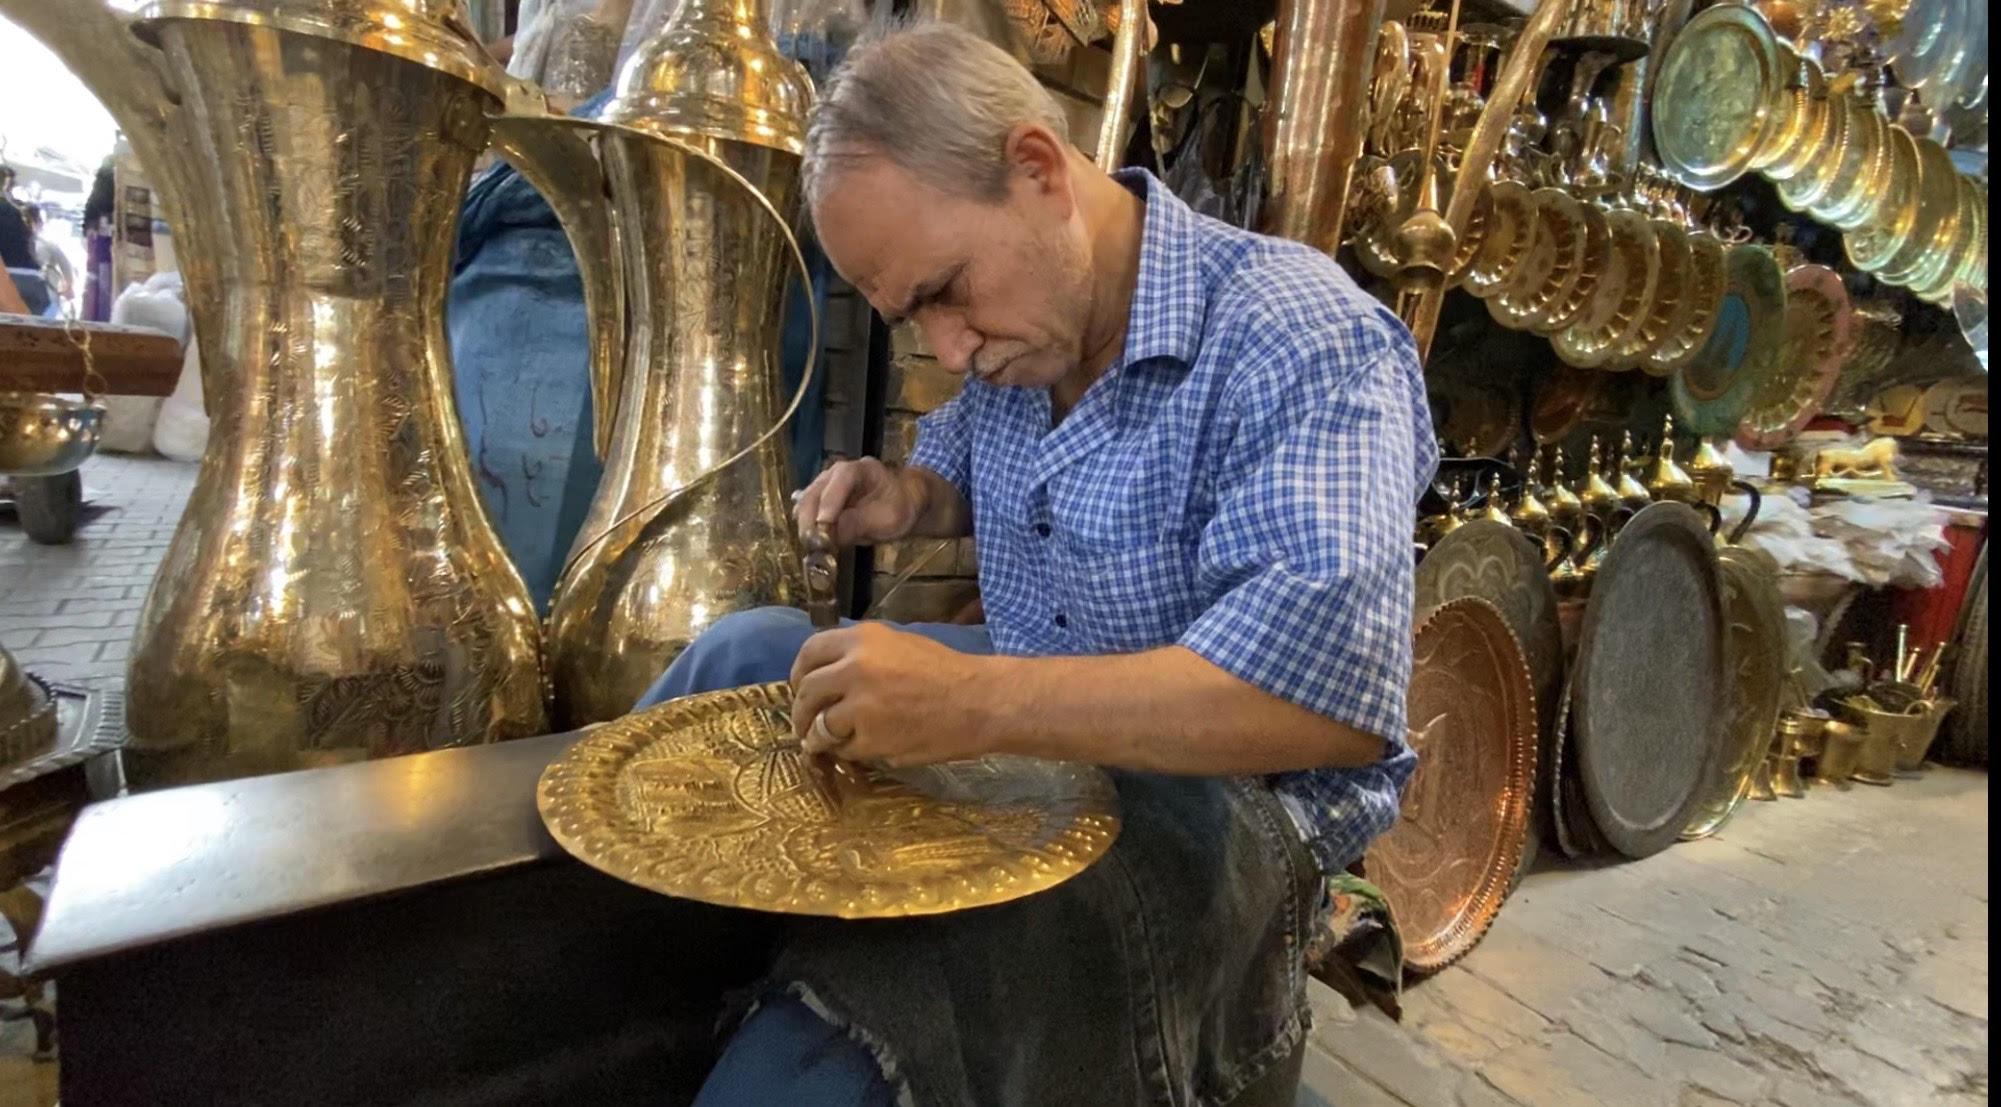 صورة آخر نقاش في سوق الصفارين: اتمنى عودة السياحة الى بغداد